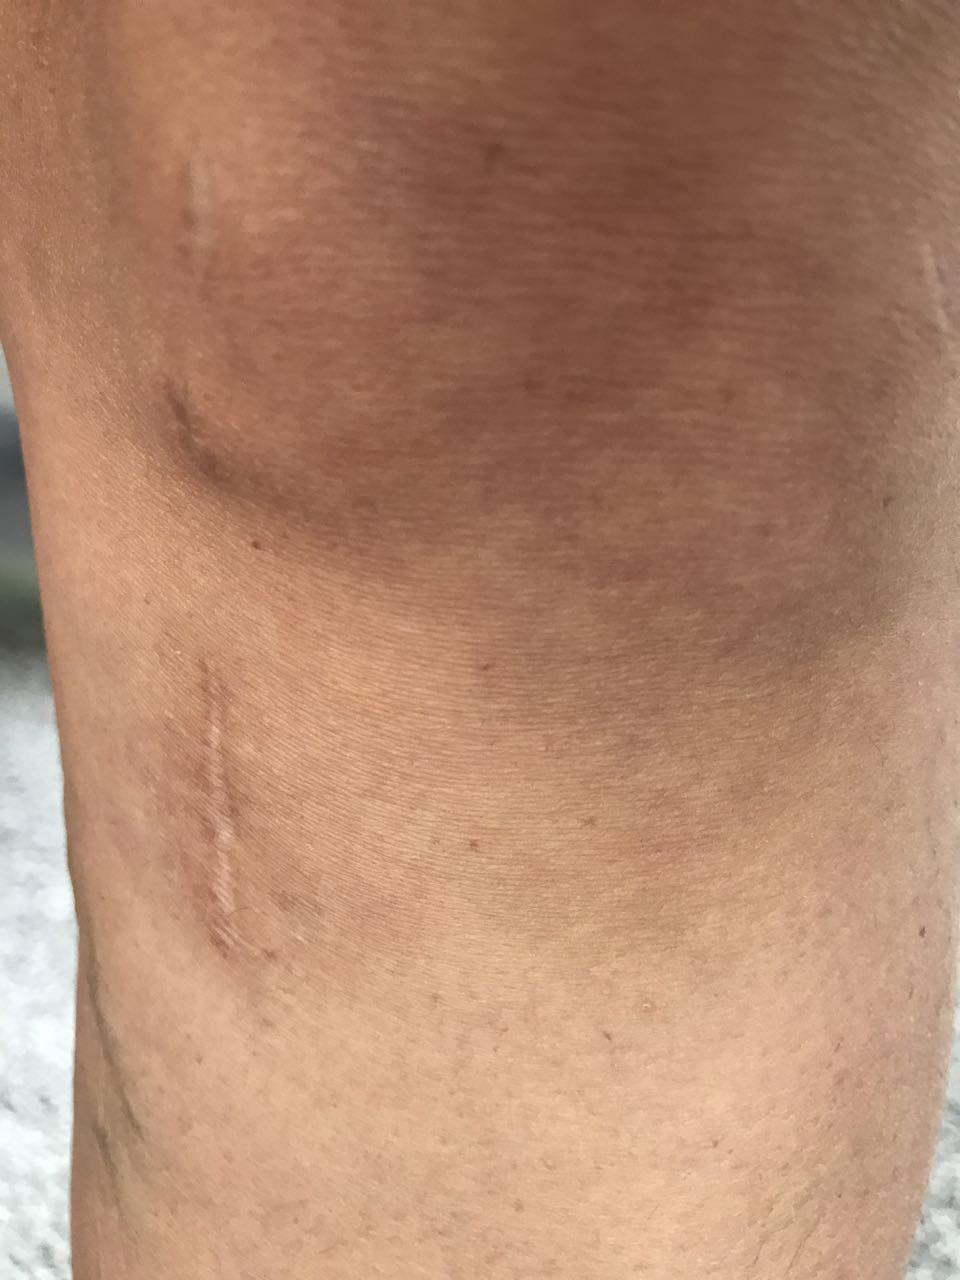 ACL repair surgery scar